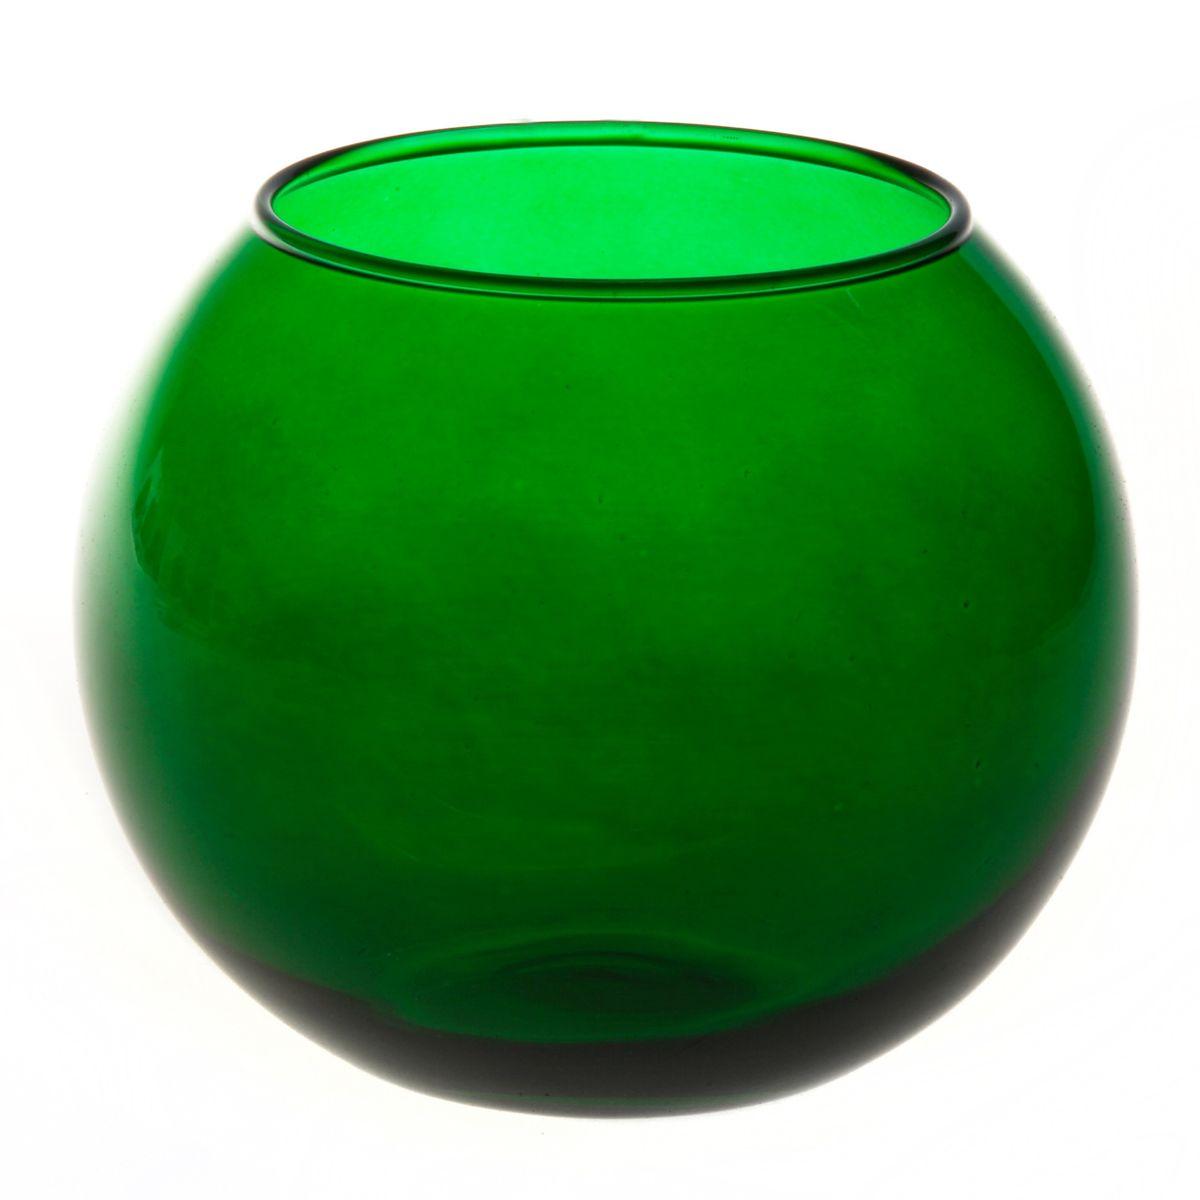 Ваза Workshop Flora, цвет: зеленый, высота 11 см43417GRВаза Workshop Flora, выполненная из натрий-кальций-силикатного стекла, сочетает в себе изысканный дизайн с максимальной функциональностью. Круглая ваза имеет гладкие одноцветные стенки. Она идеально подойдет для мелких цветов. Такая ваза придется по вкусу и ценителям классики, и тем, кто предпочитает утонченность и изысканность. Высота вазы: 11 см. Диаметр вазы (по верхнему краю): 7,9 см.